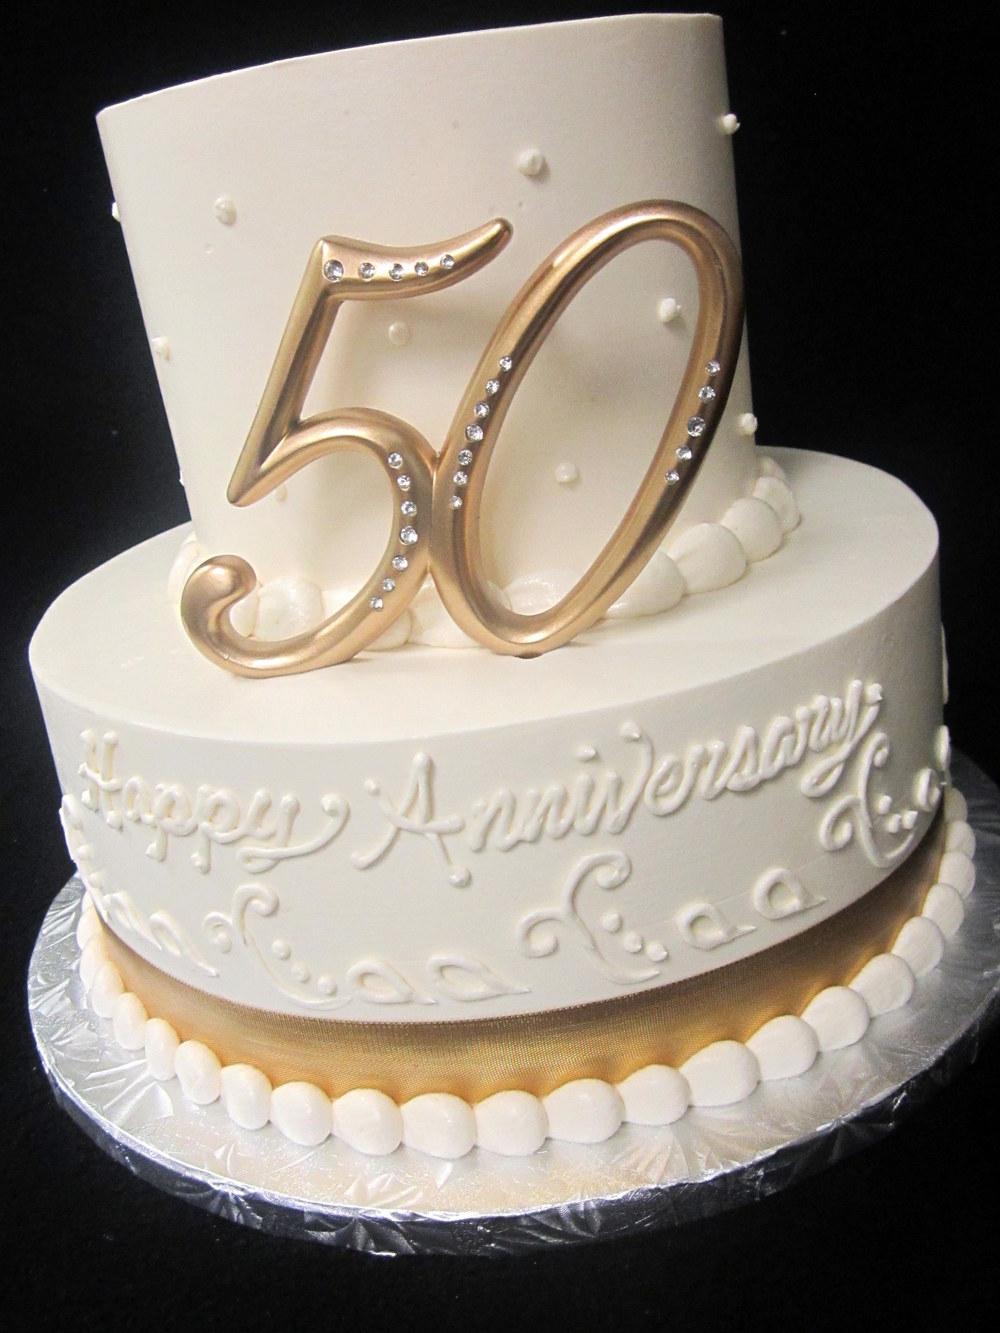 anniversary 50 gold with diamonds.JPG